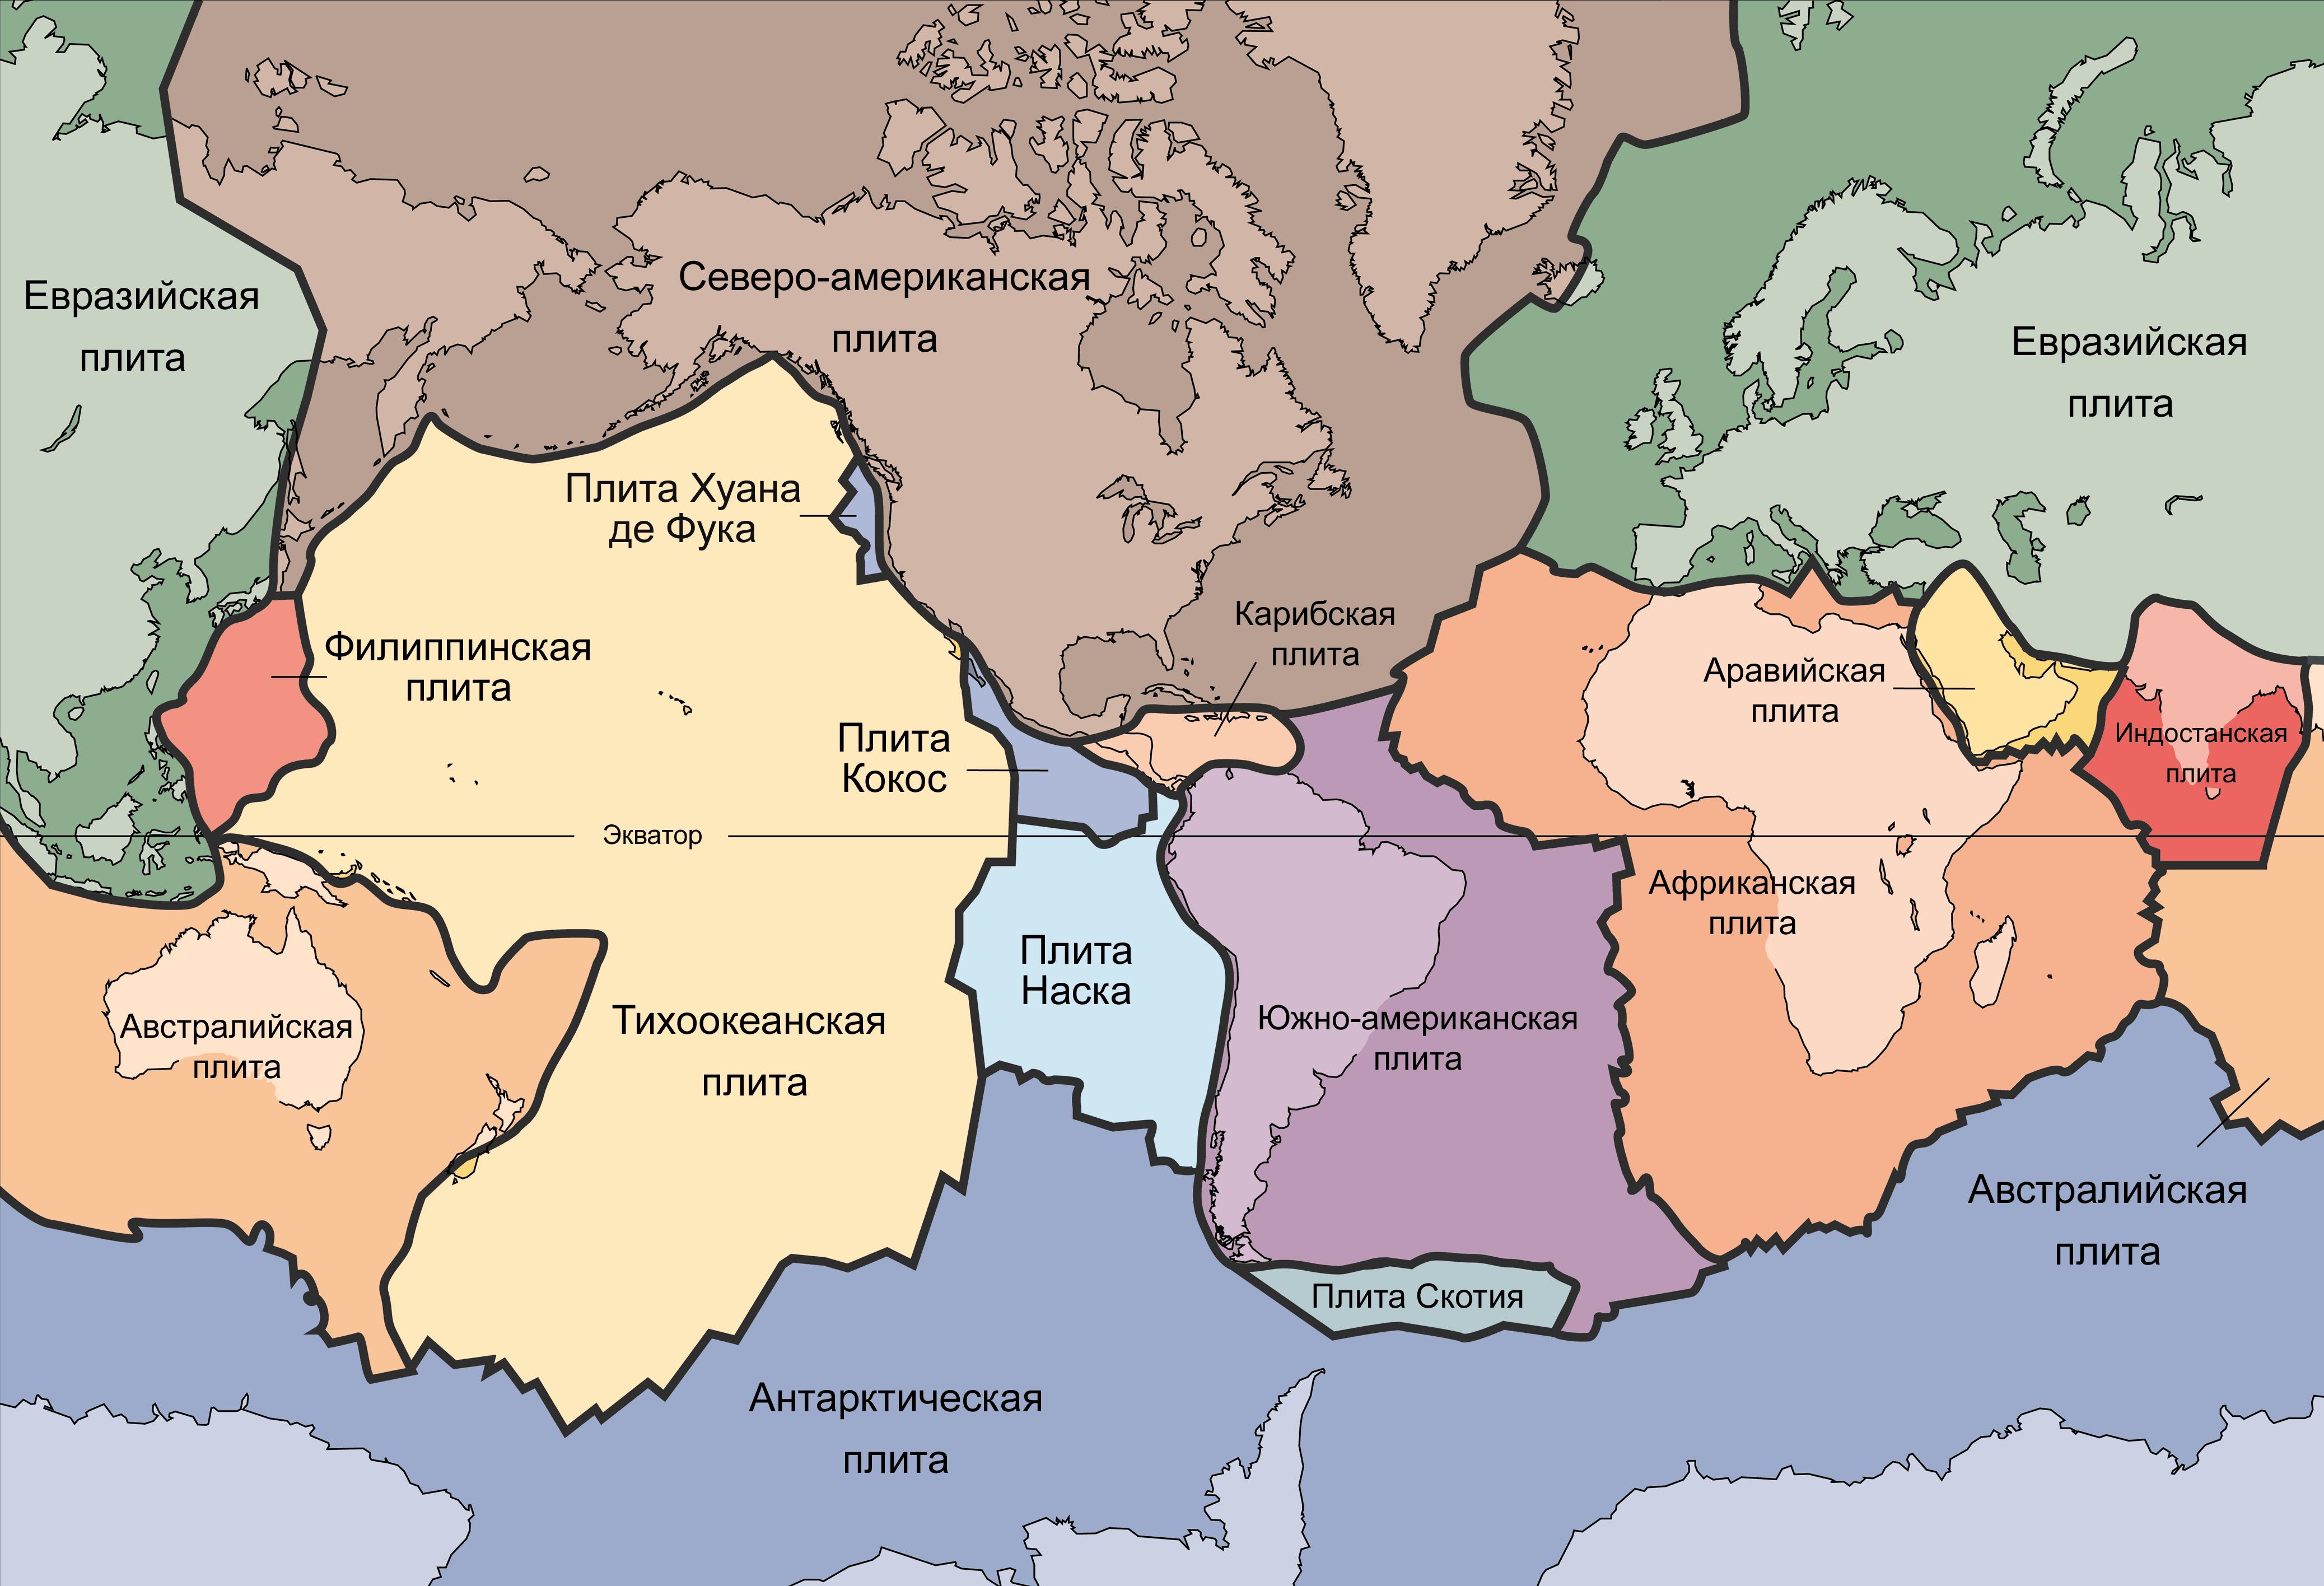 Tectonic plates(rus) Дрейф литосферных плит